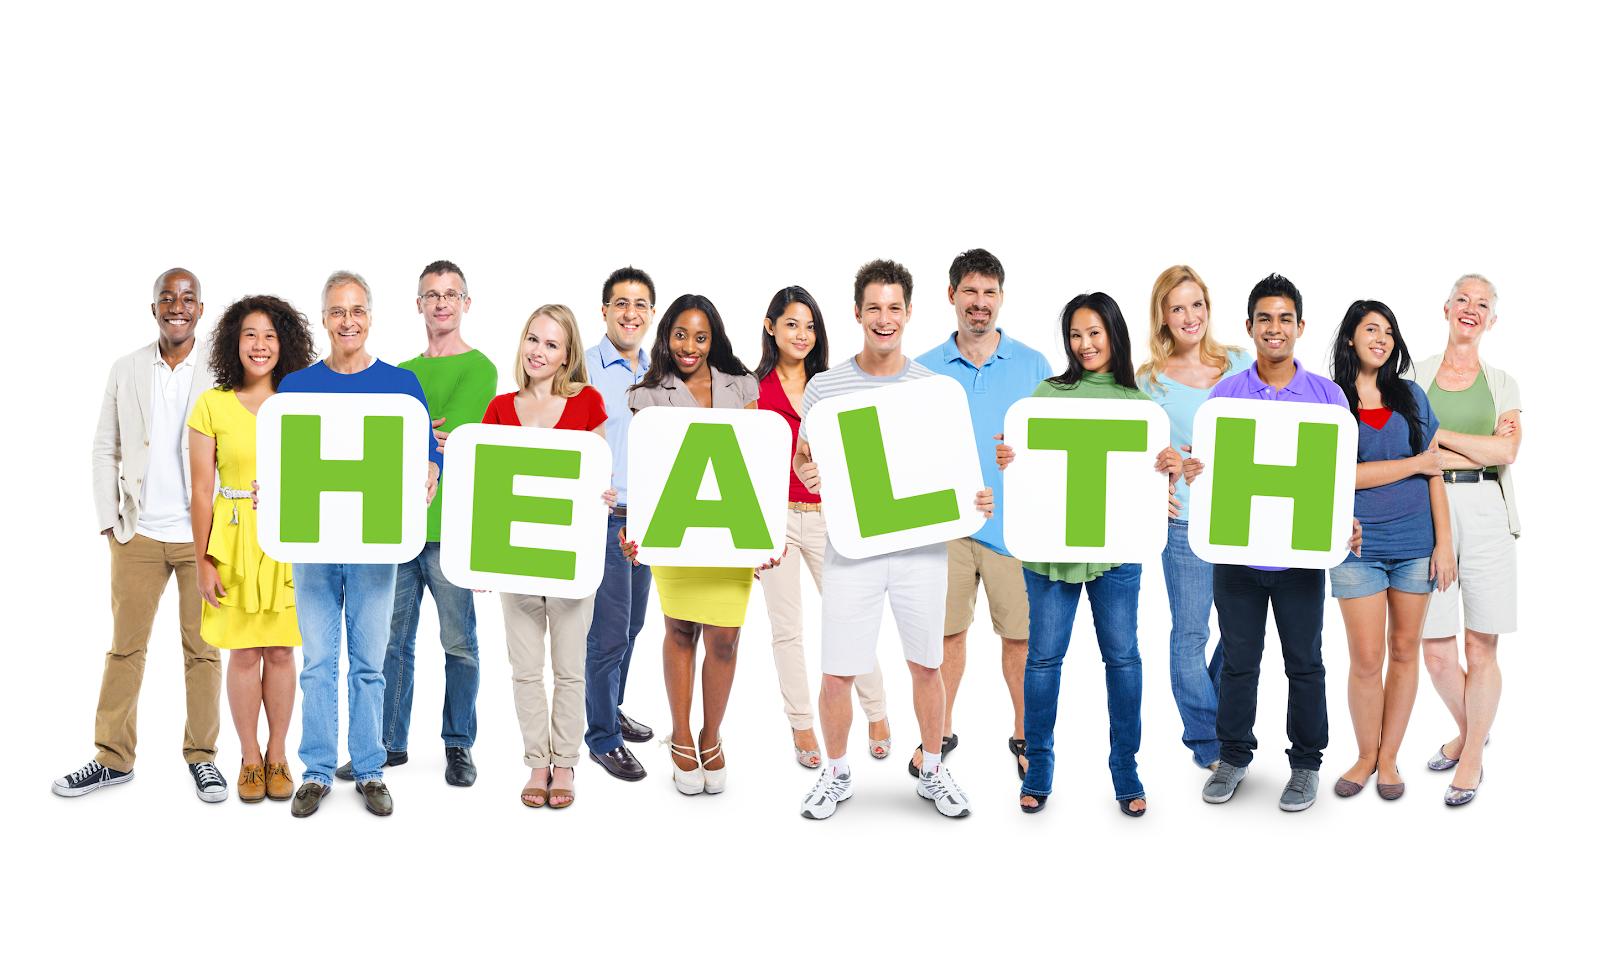 Mở rộng từ vựng tiếng Anh để ôn thi đại học chủ đề sức khỏe con người